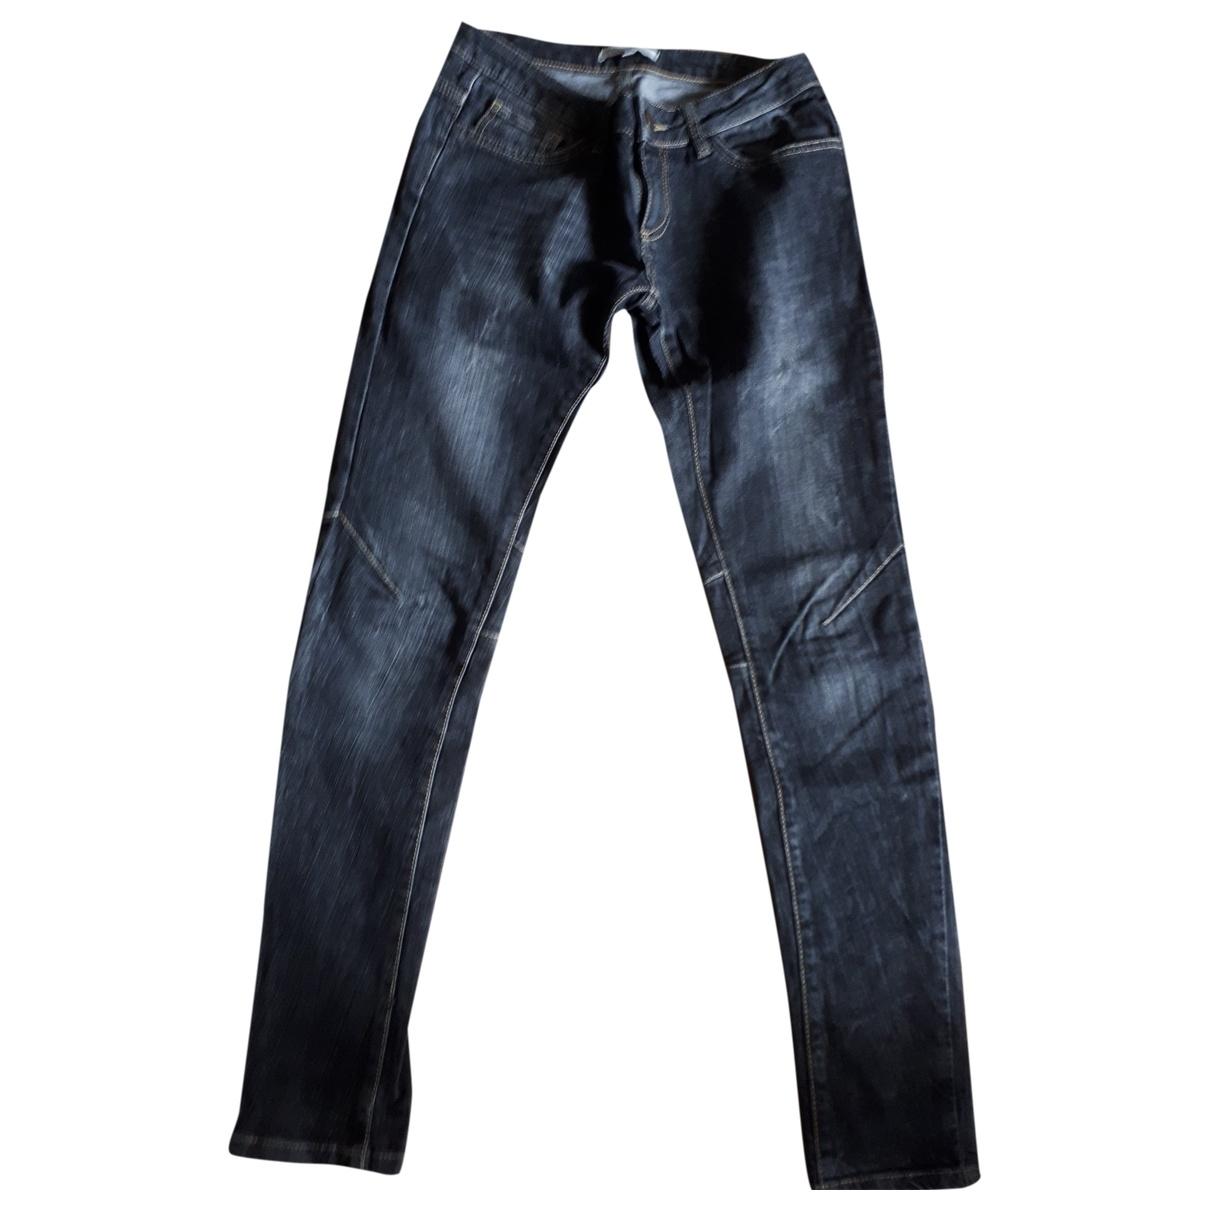 Maje \N Grey Denim - Jeans Trousers for Women 38 FR